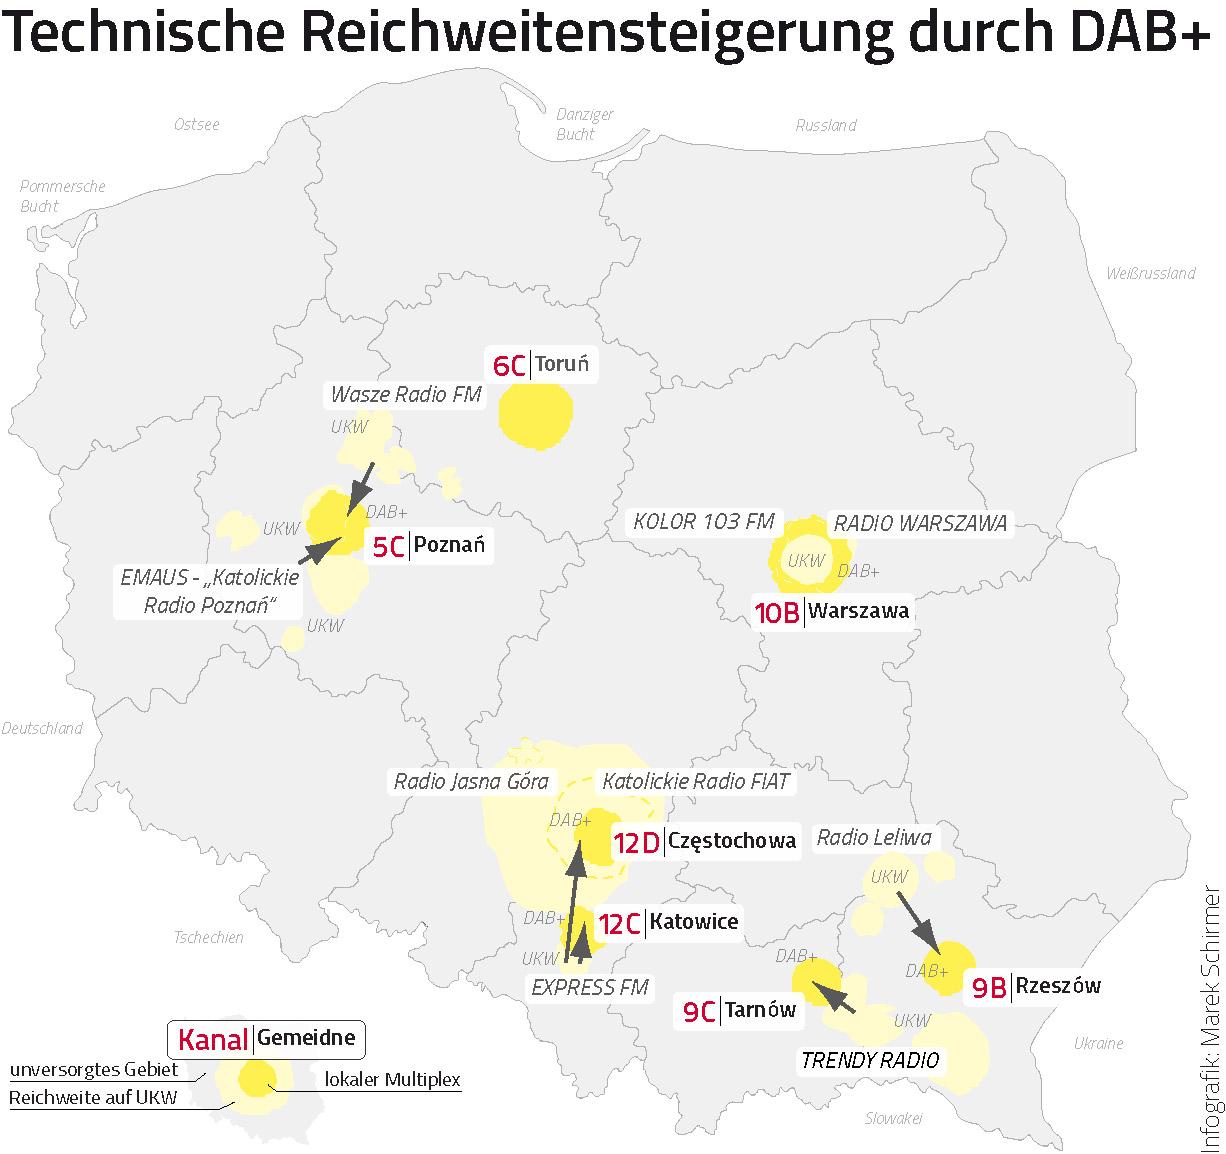 Technische Reichweitensteigerung durch DAB+